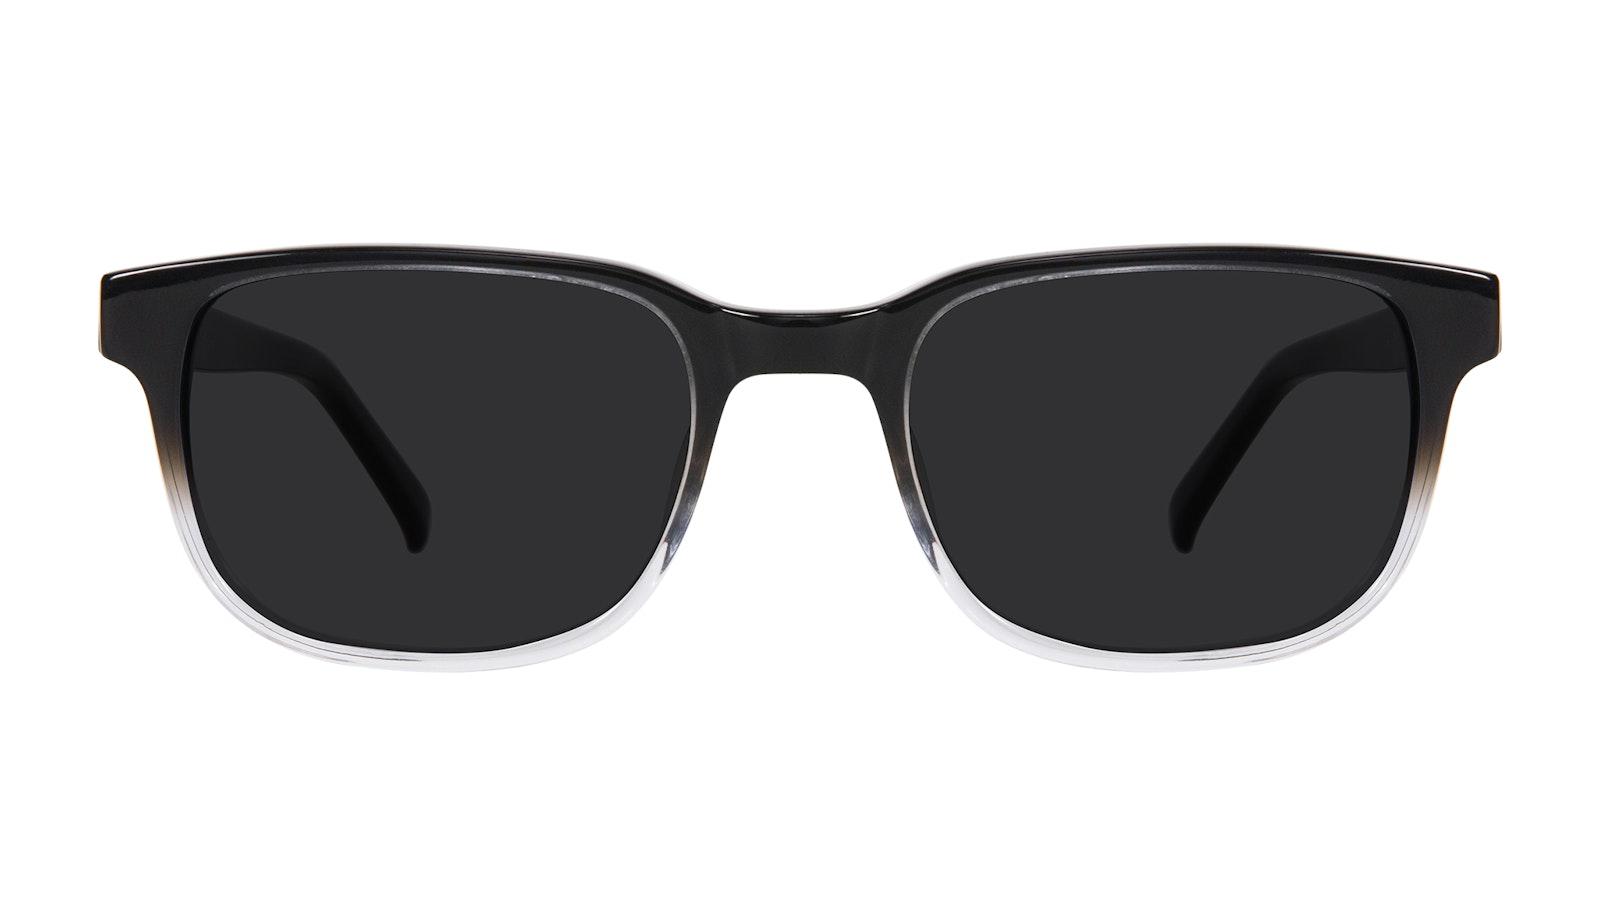 Lunettes tendance Carrée Lunettes de soleil Hommes Role Onyx Clear